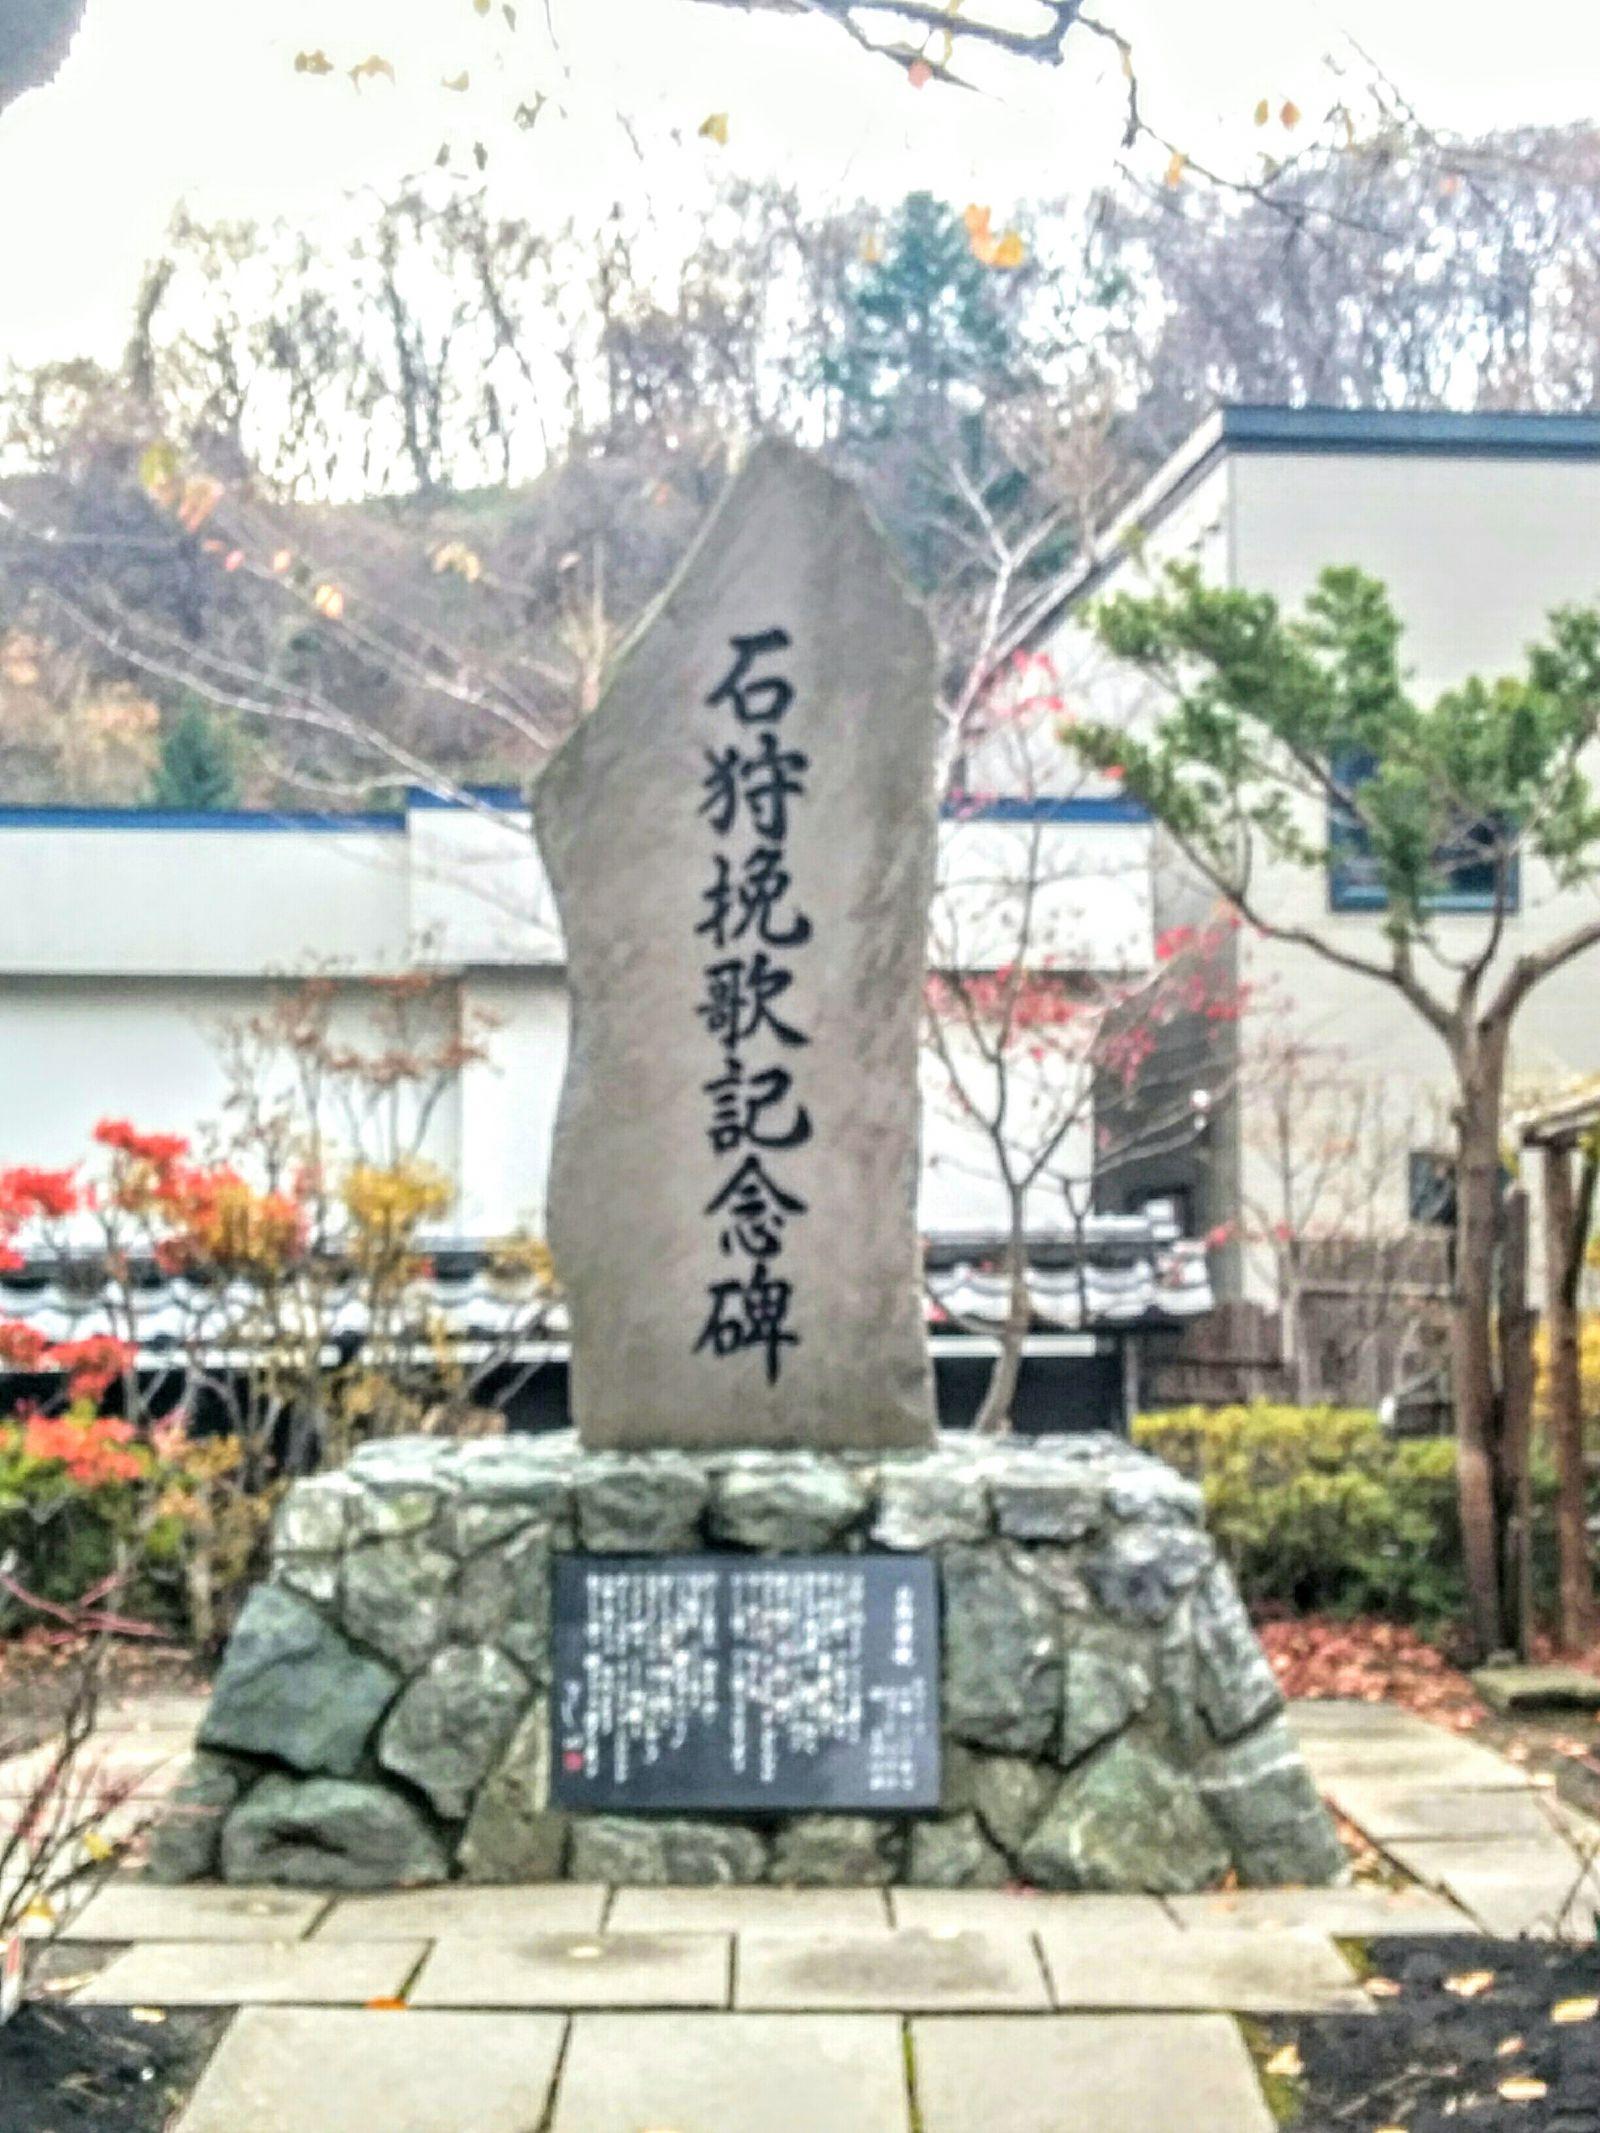 【小樽観光タクシー】石狩挽歌記念碑観光案内です。